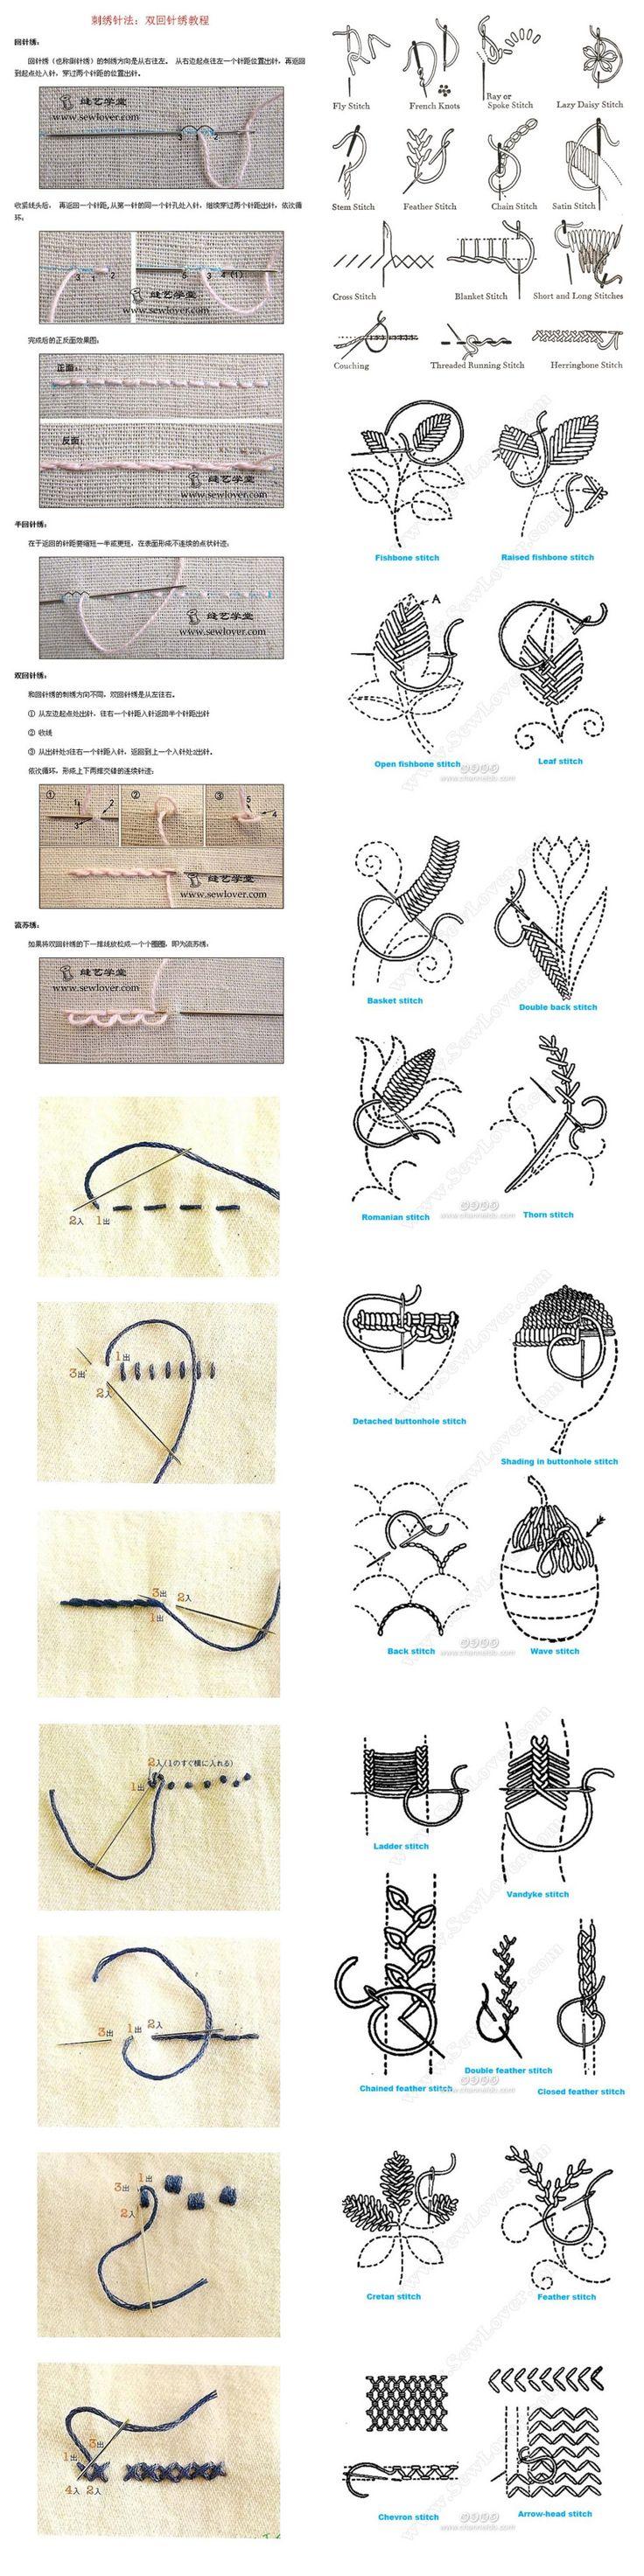 Dicas de pontos de bordados #bordado #Stitching #embroidery